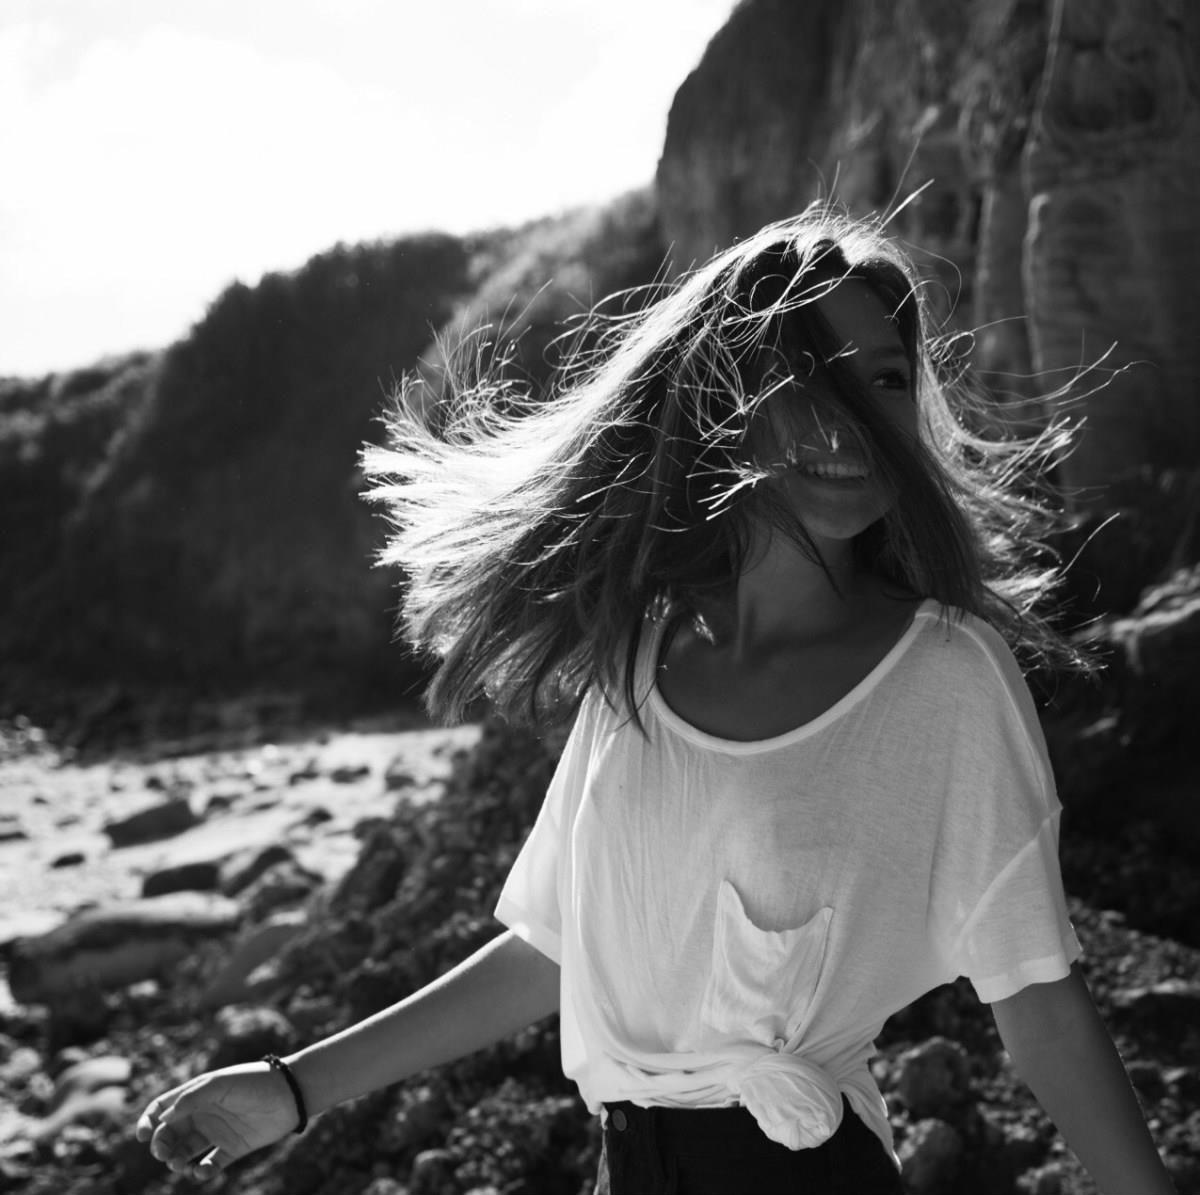 Девушка, которая долгое время не состоит в отношениях, в итоге оказывается самой счастливой. Почему?